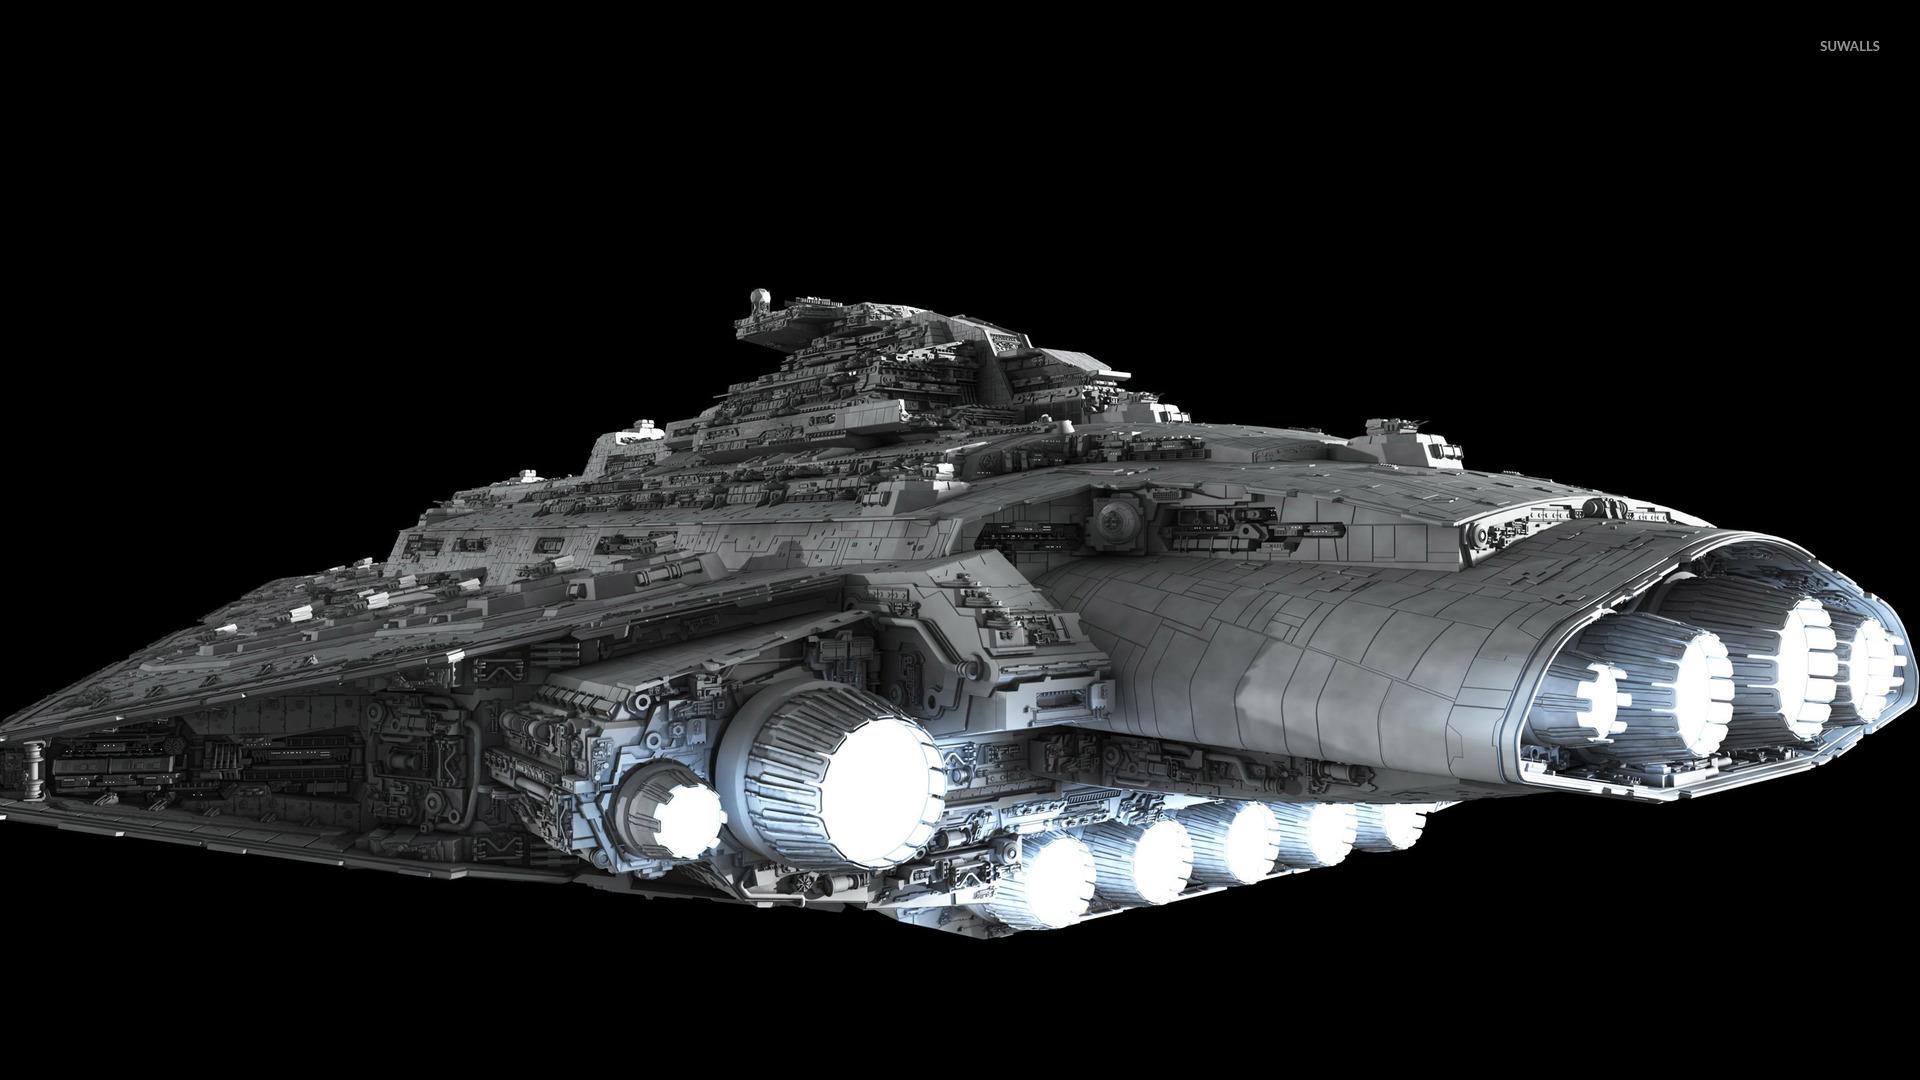 star wars star wars videos